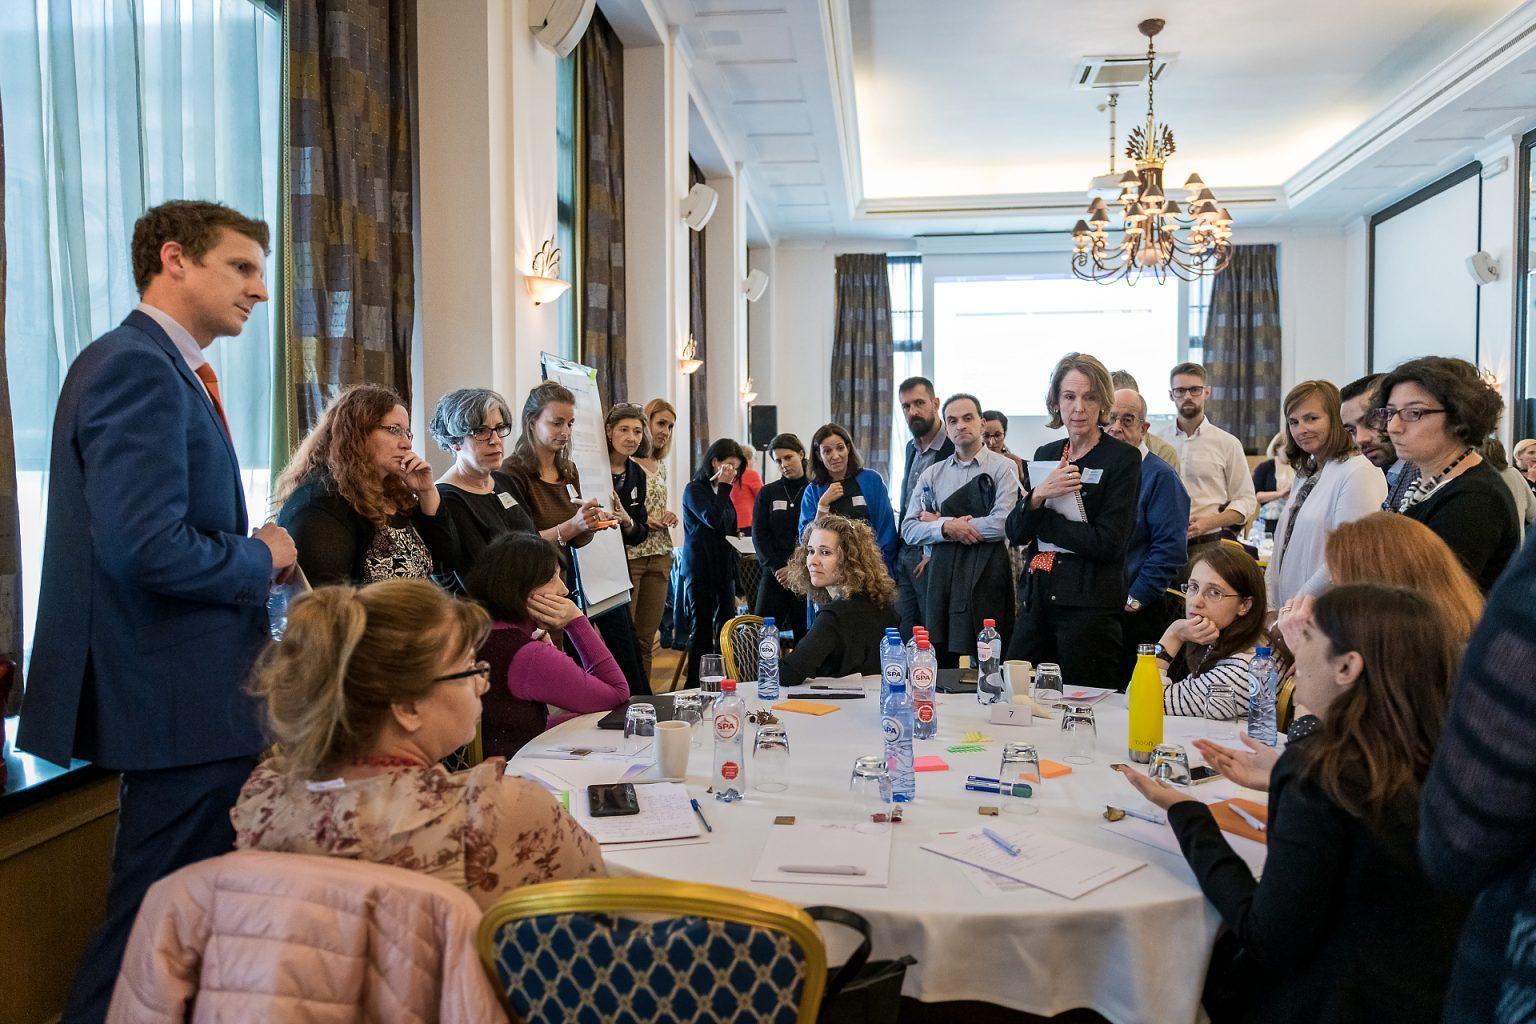 Discussion de groupe lors d'un atelier interactif du PEOF, lors du reportage de l'événement d'entreprise PEOF. Par Aurore Delsoir photographe événementiel